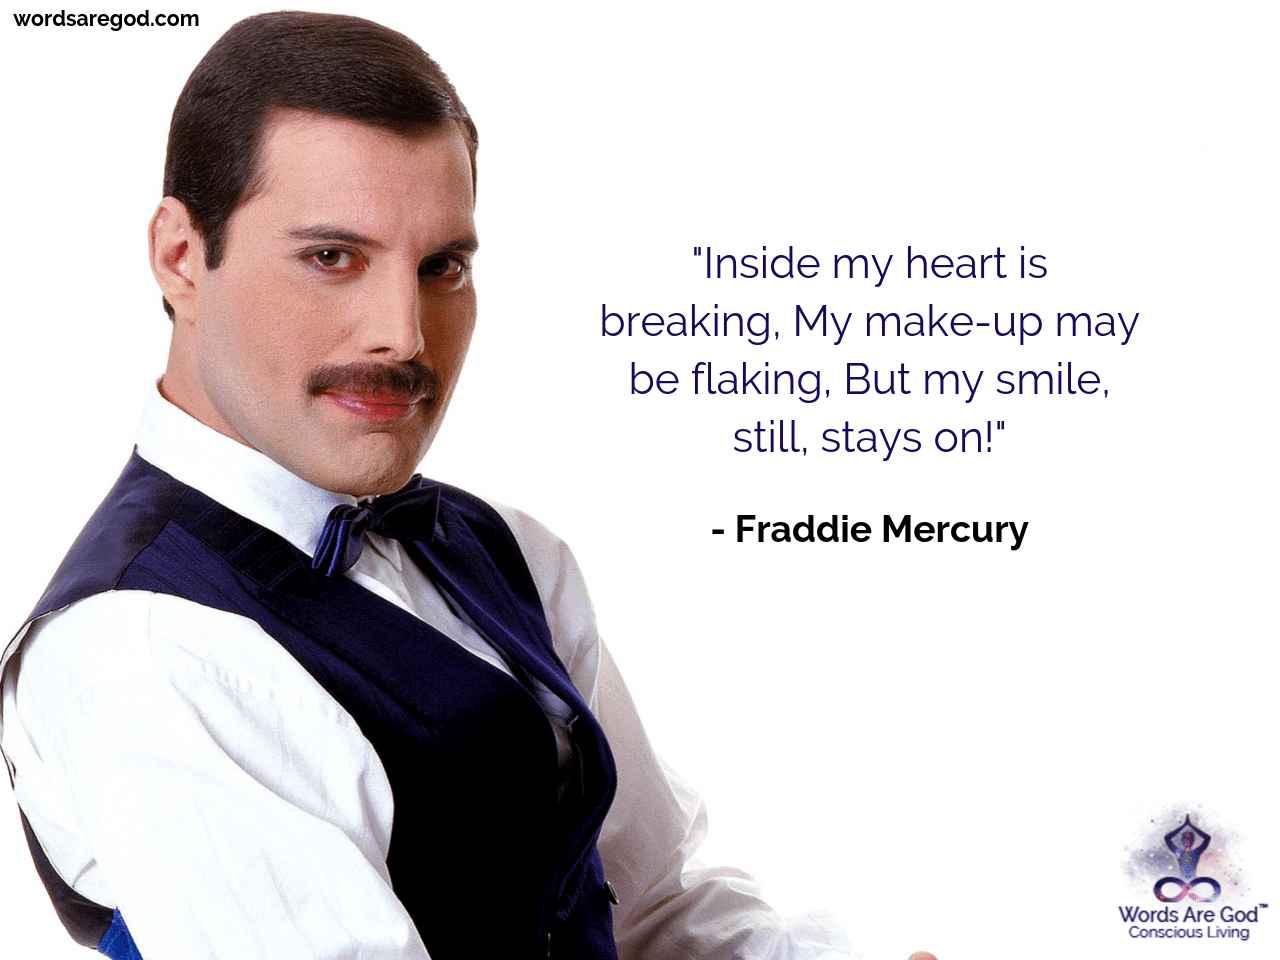 Freddie Mercury Motivational quote by Fraddie Mercury